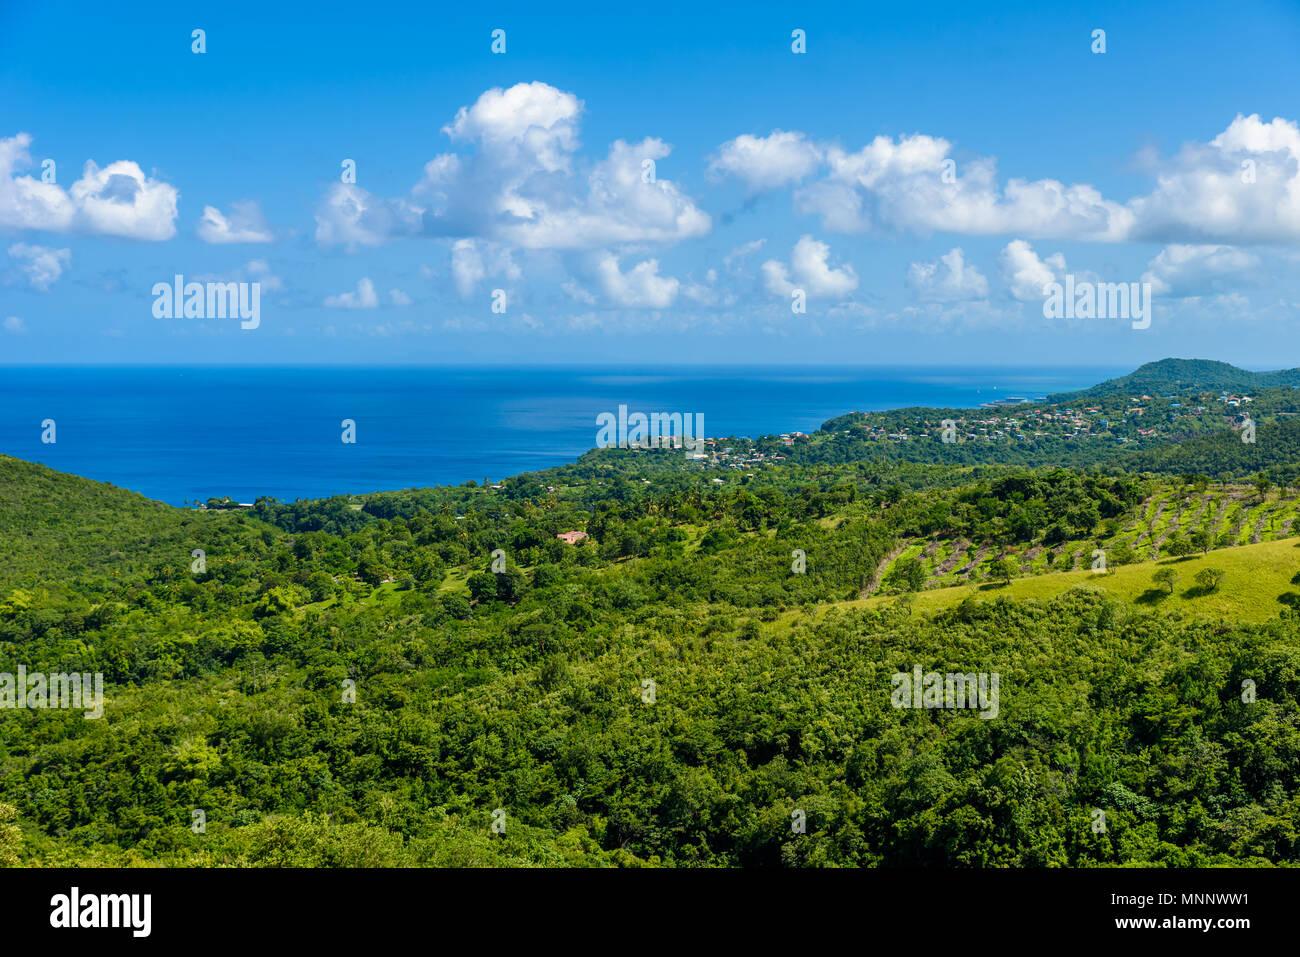 Forêt tropicale sur l'île caribéenne de Sainte-Lucie. C'est une destination paradisiaque avec une plage de sable blanc et mer turquoiuse. Photo Stock